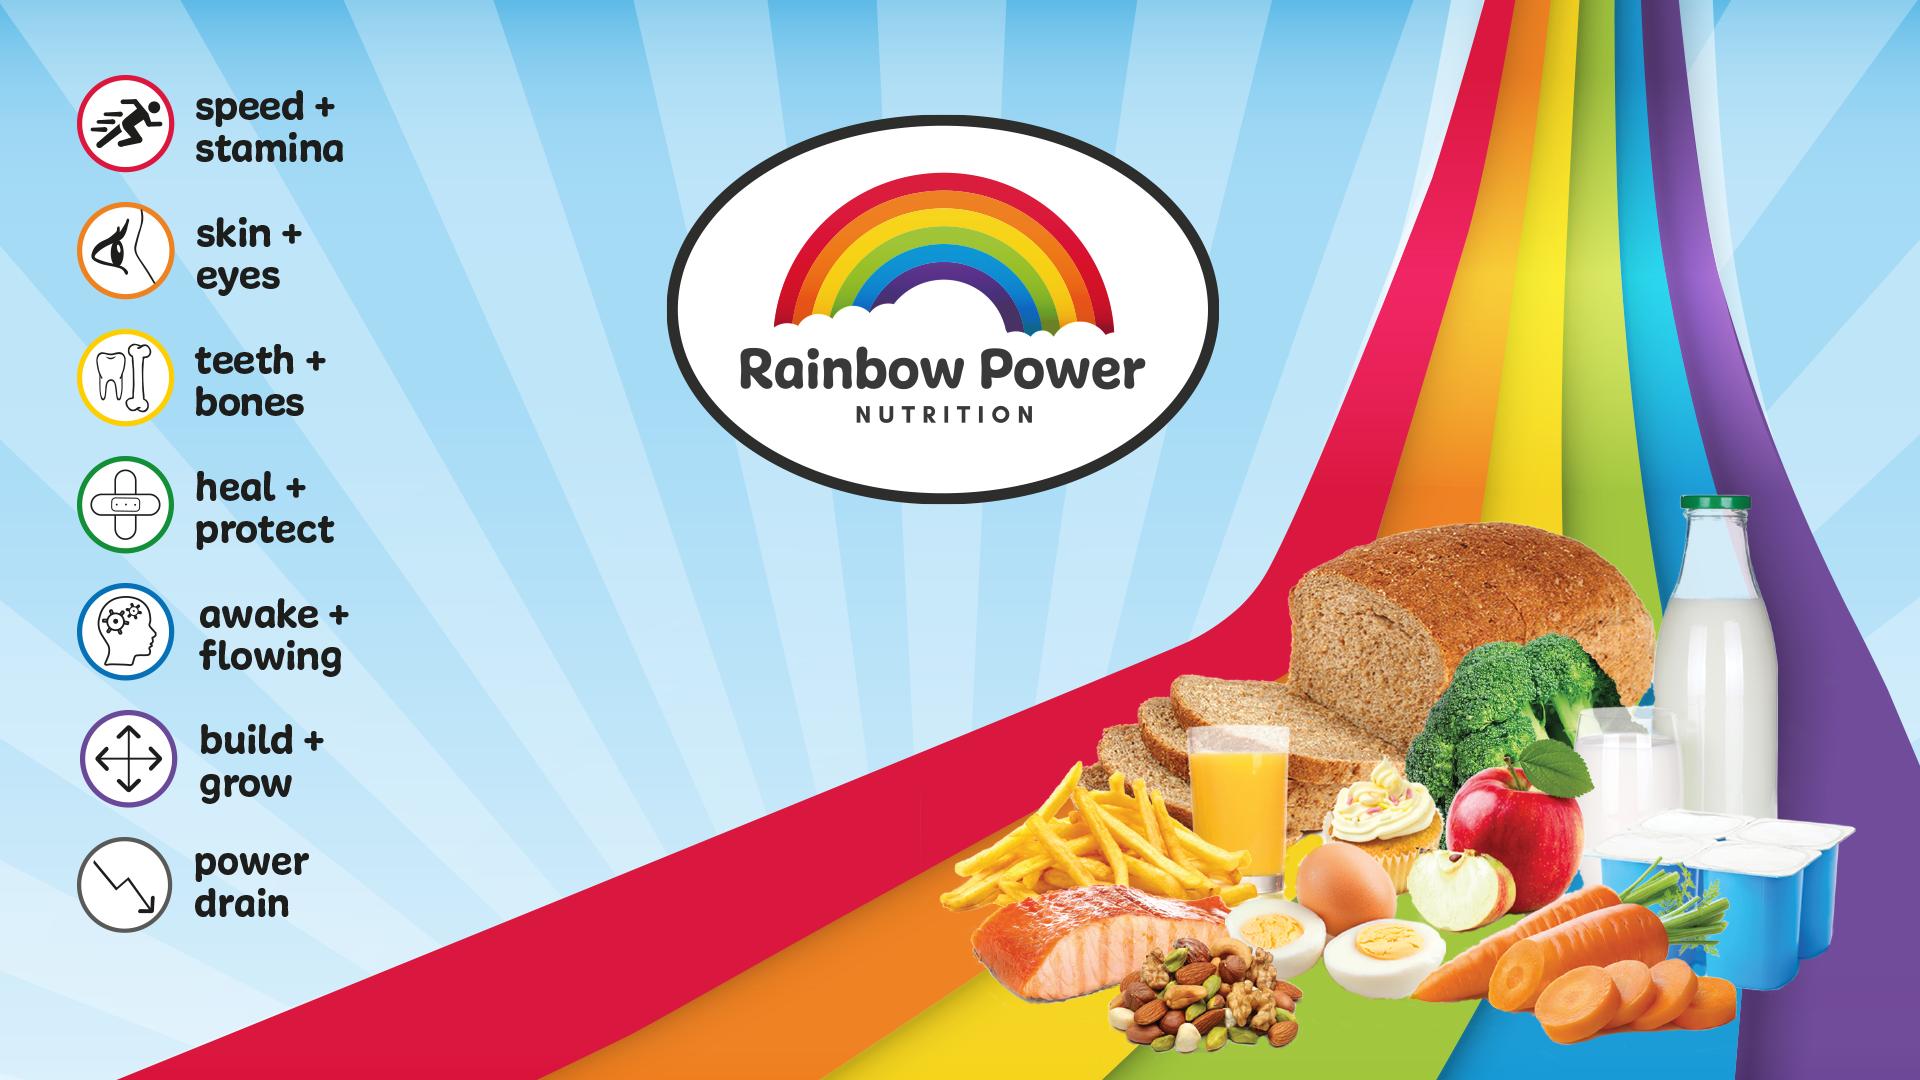 Rainbowpowersbanner